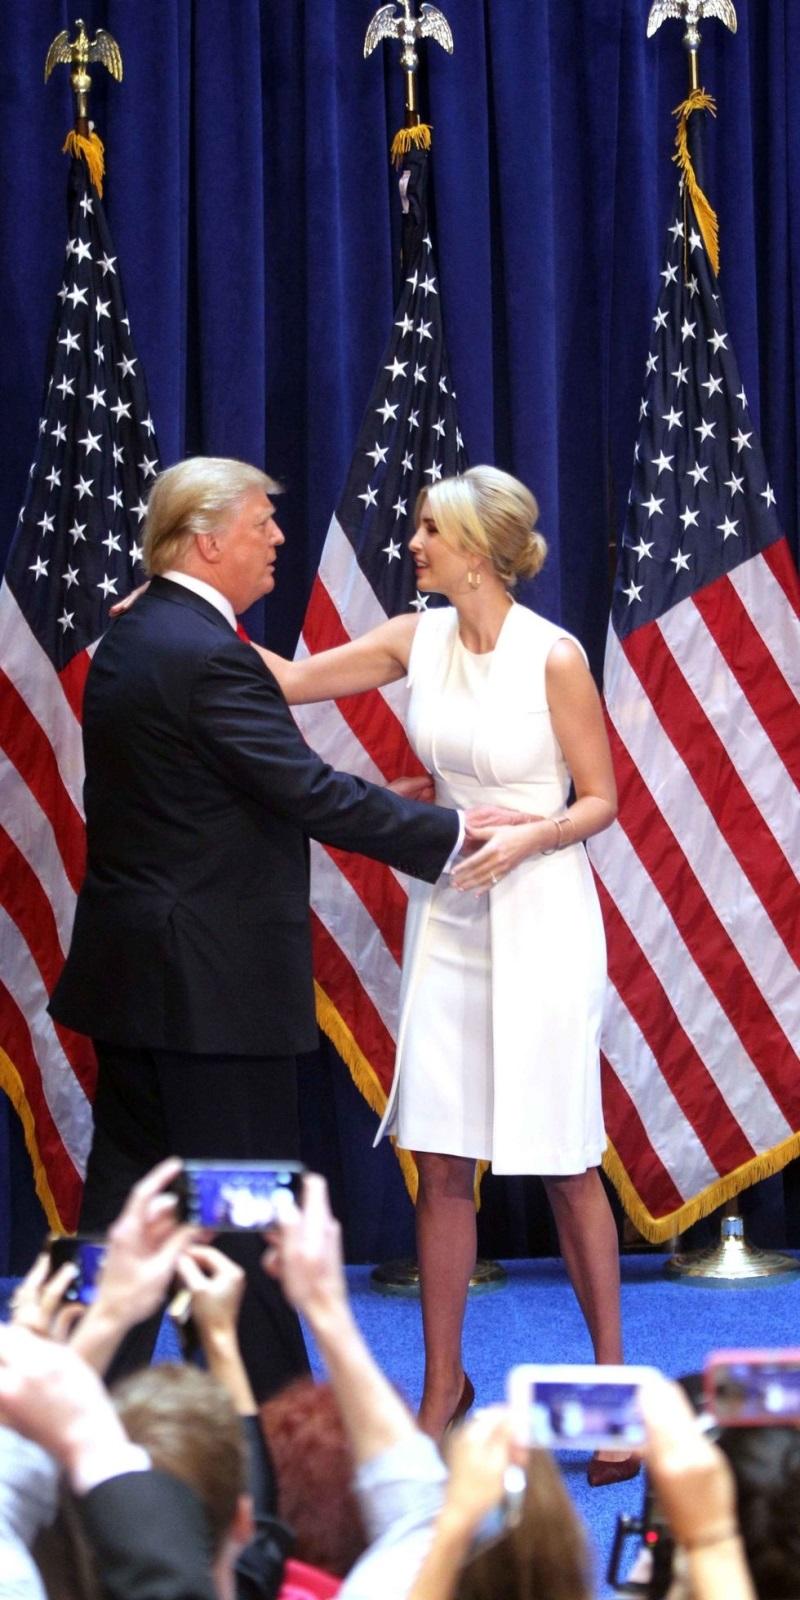 Ngẩn ngơ trước phong cách thời trang của ái nữ Tổng thống Mỹ - Ảnh 20